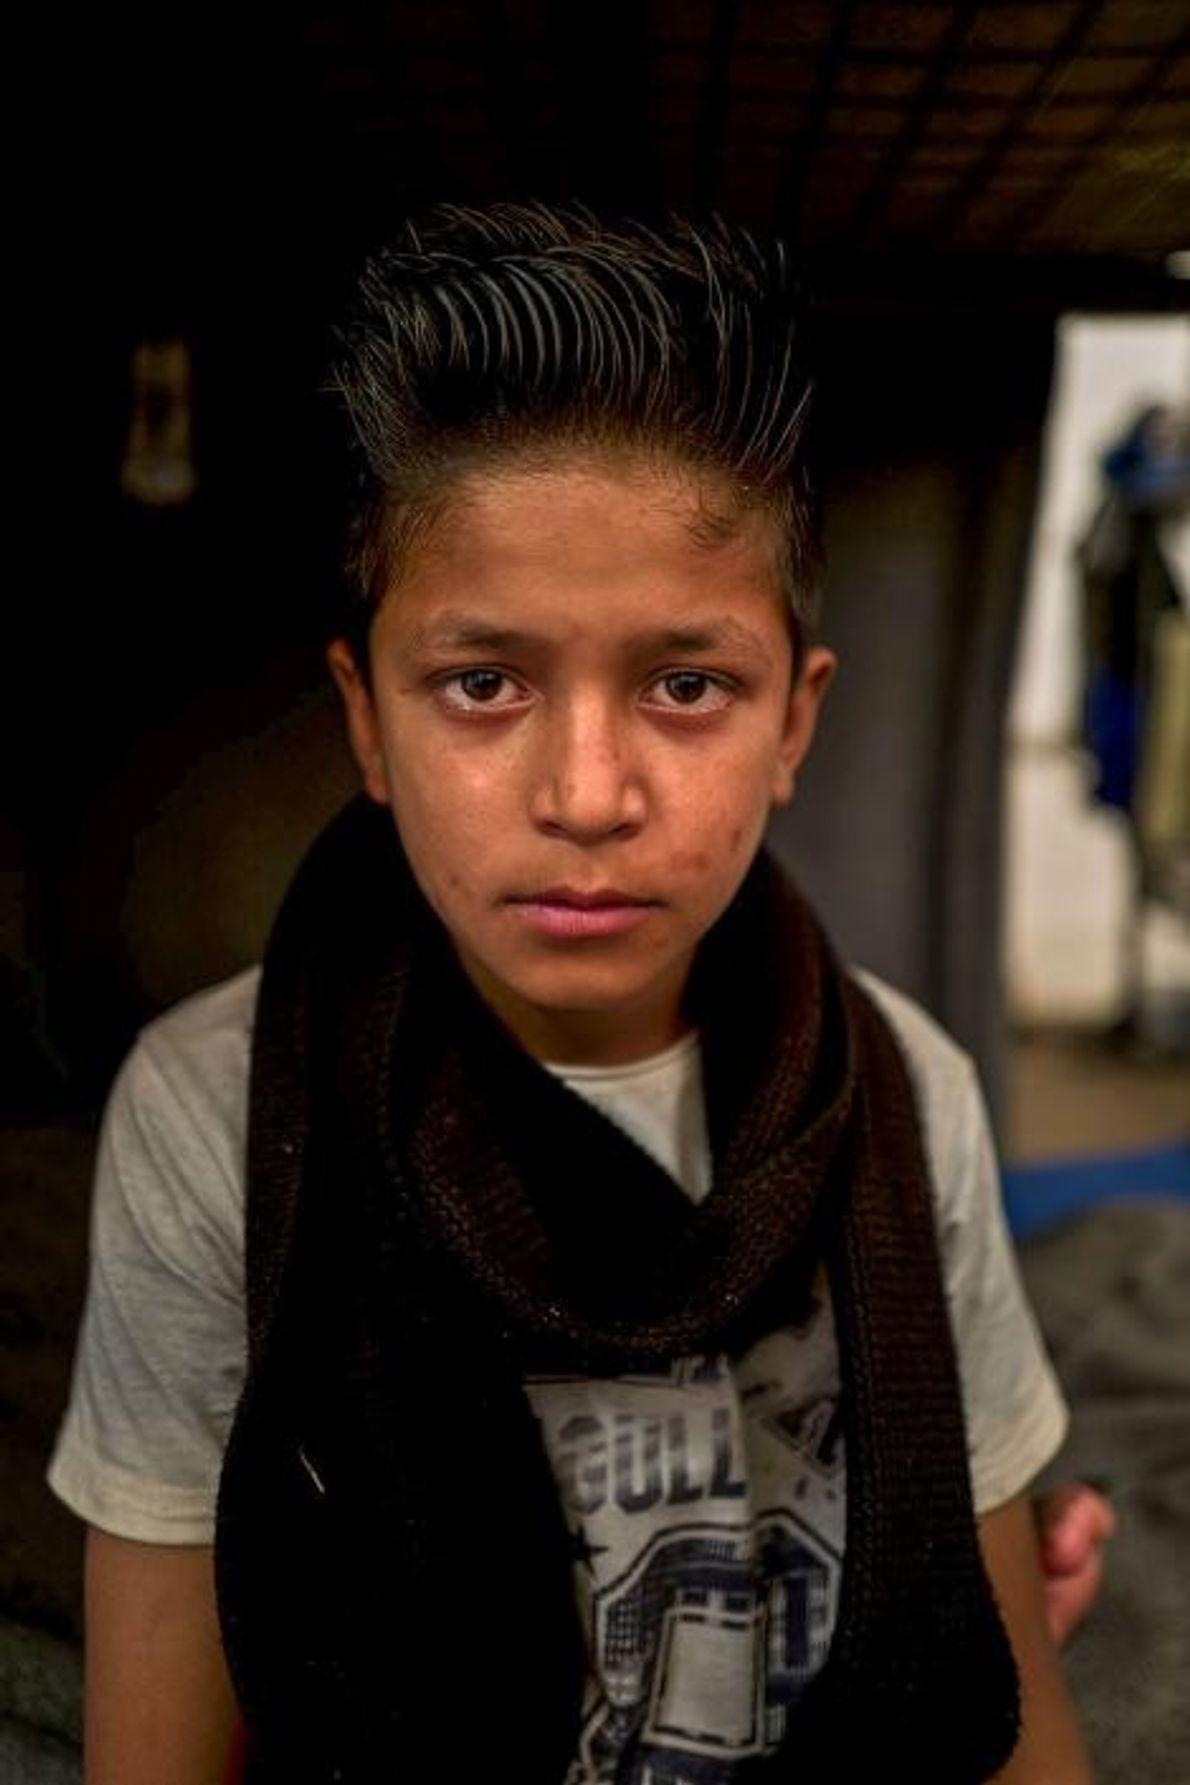 Delagha Qandagha, du haut de ses huit ans, est très mature pour son âge. Il n'a ...